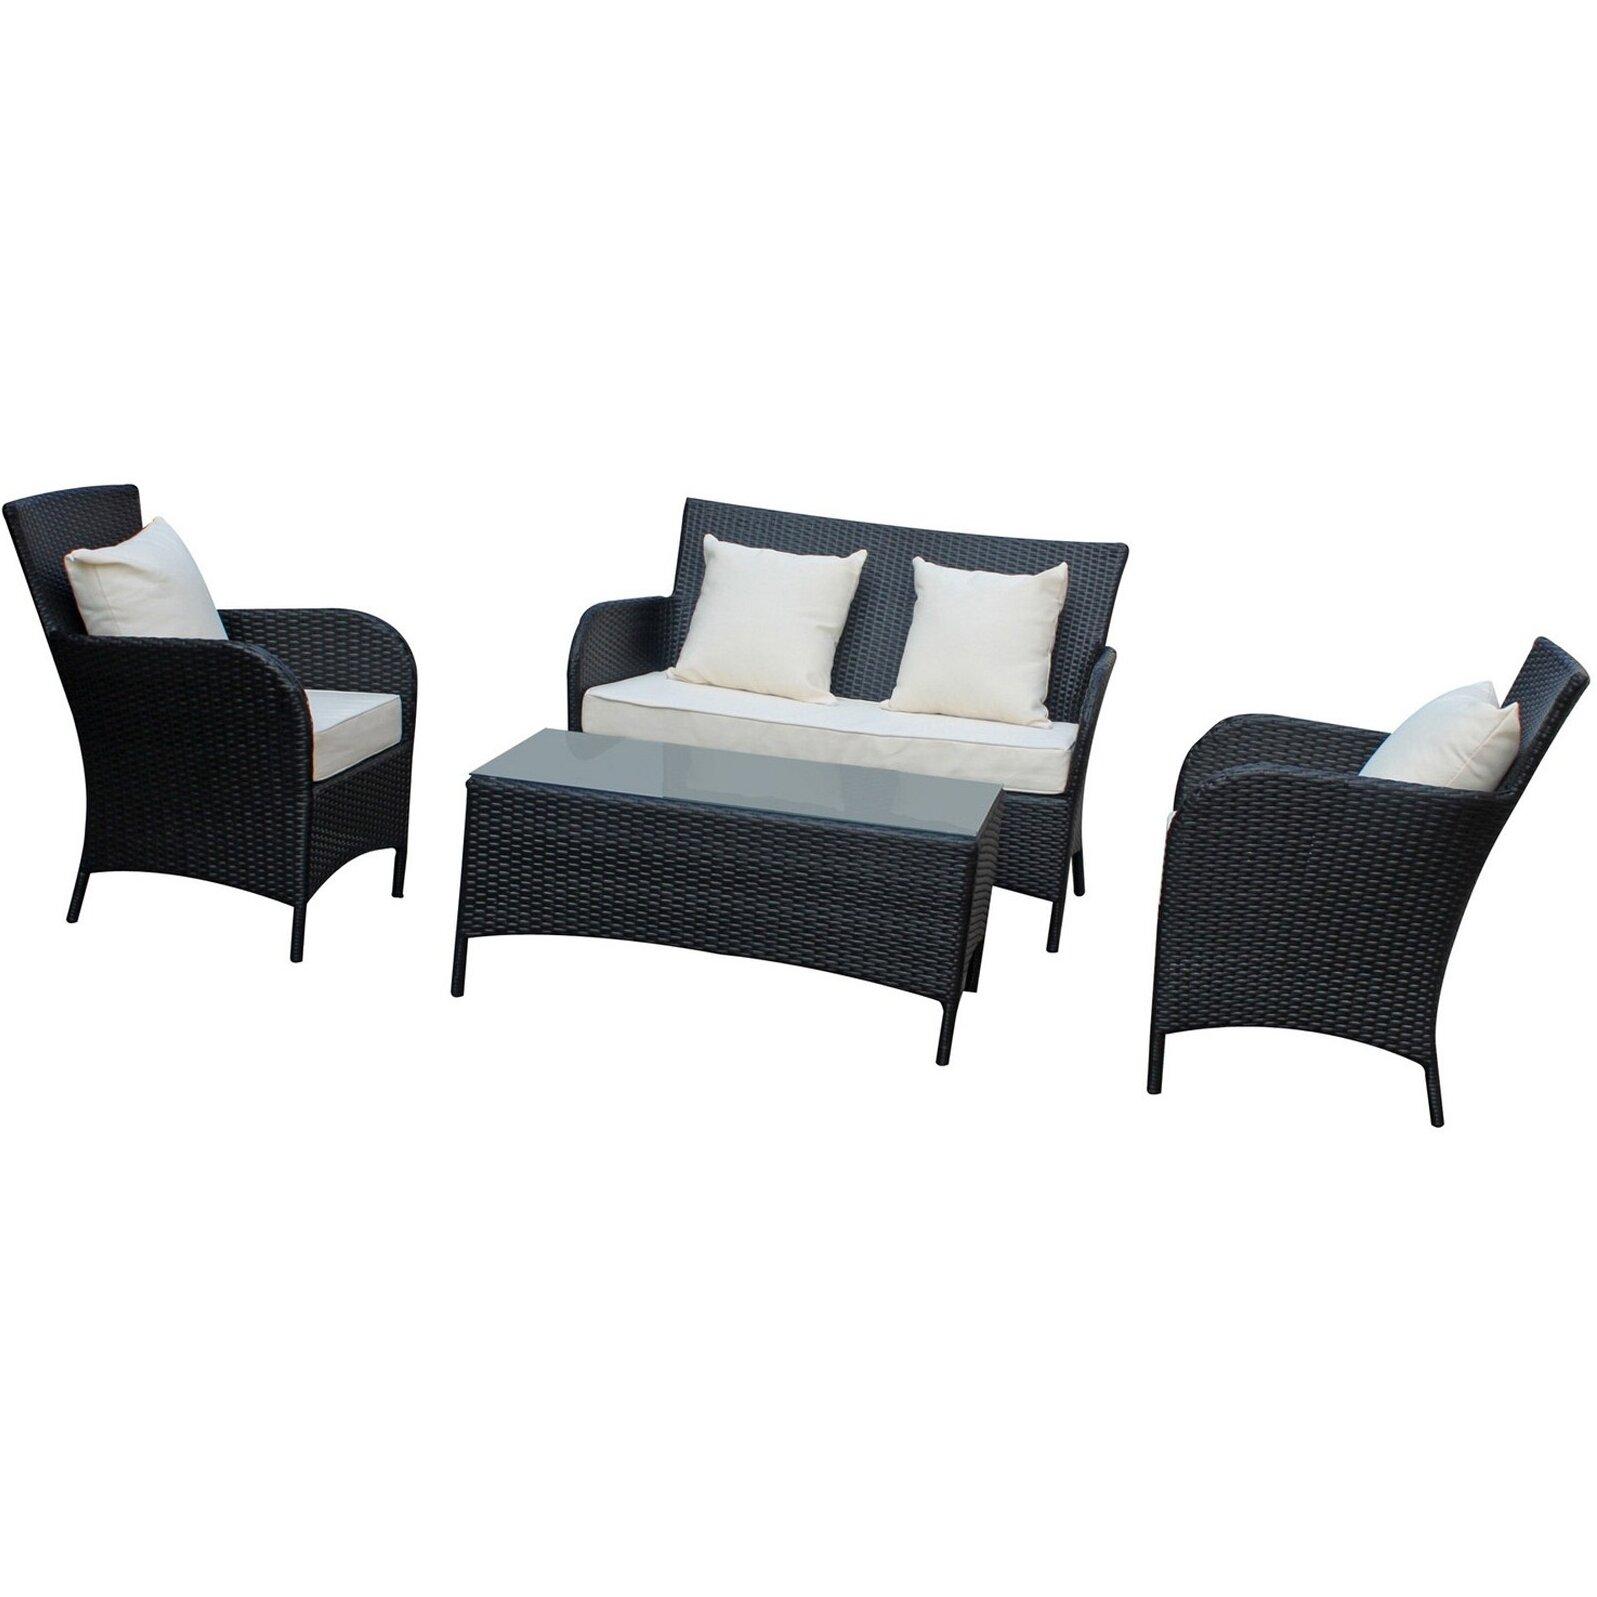 Modway prosper 4 piece outdoor patio sofa set reviews for Monaco 4 piece sectional sofa set